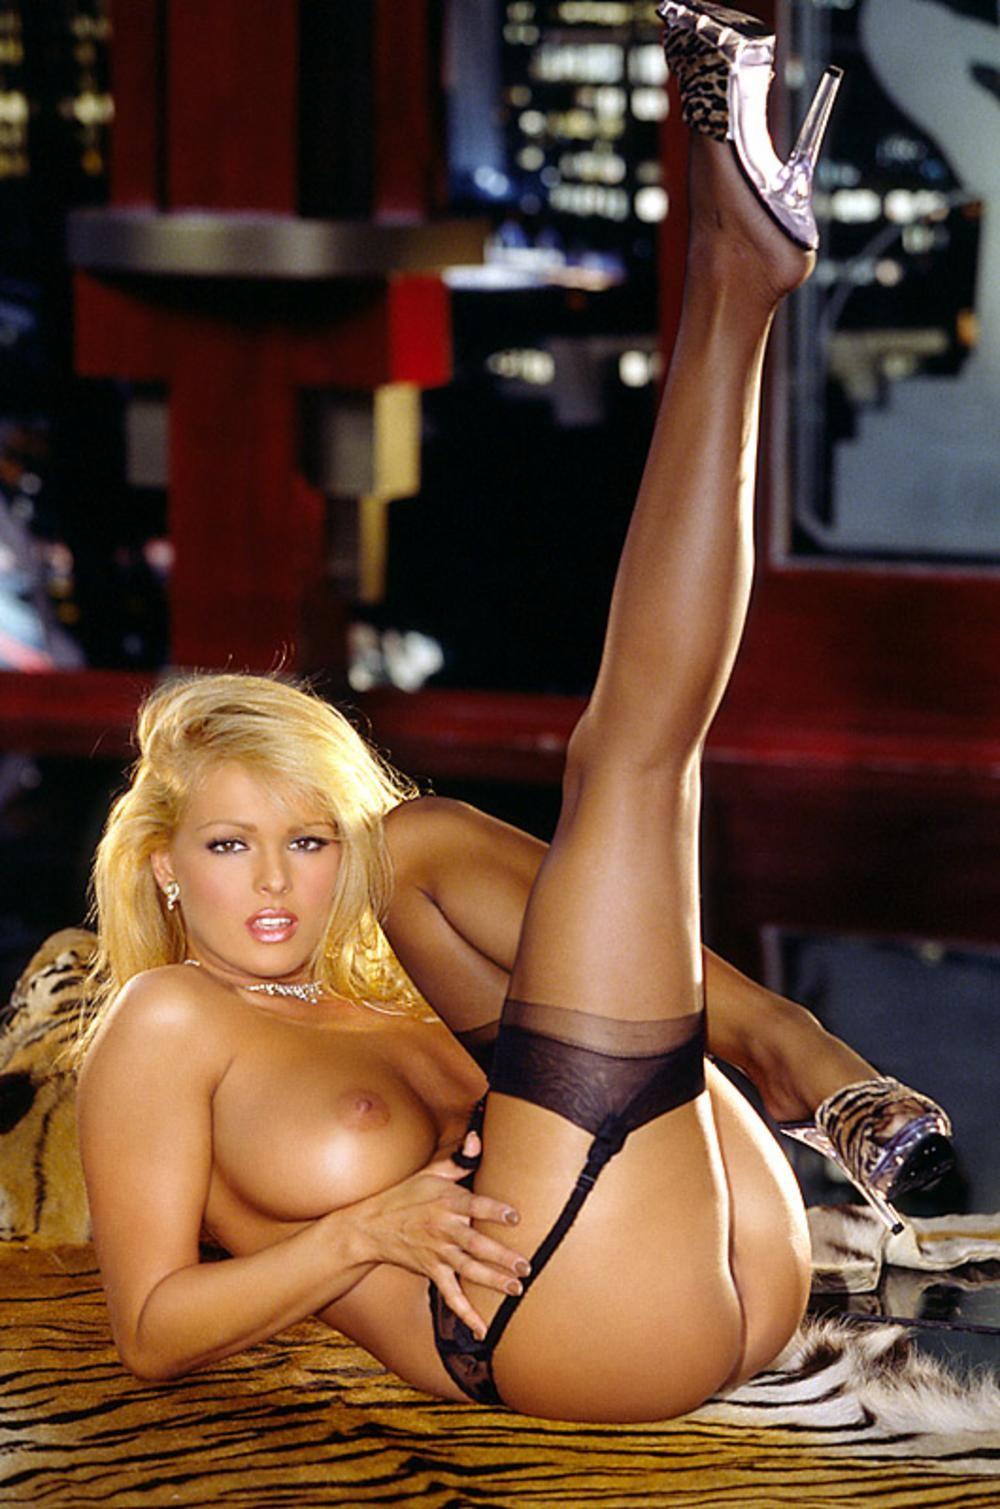 Brooke richards nude naked photos